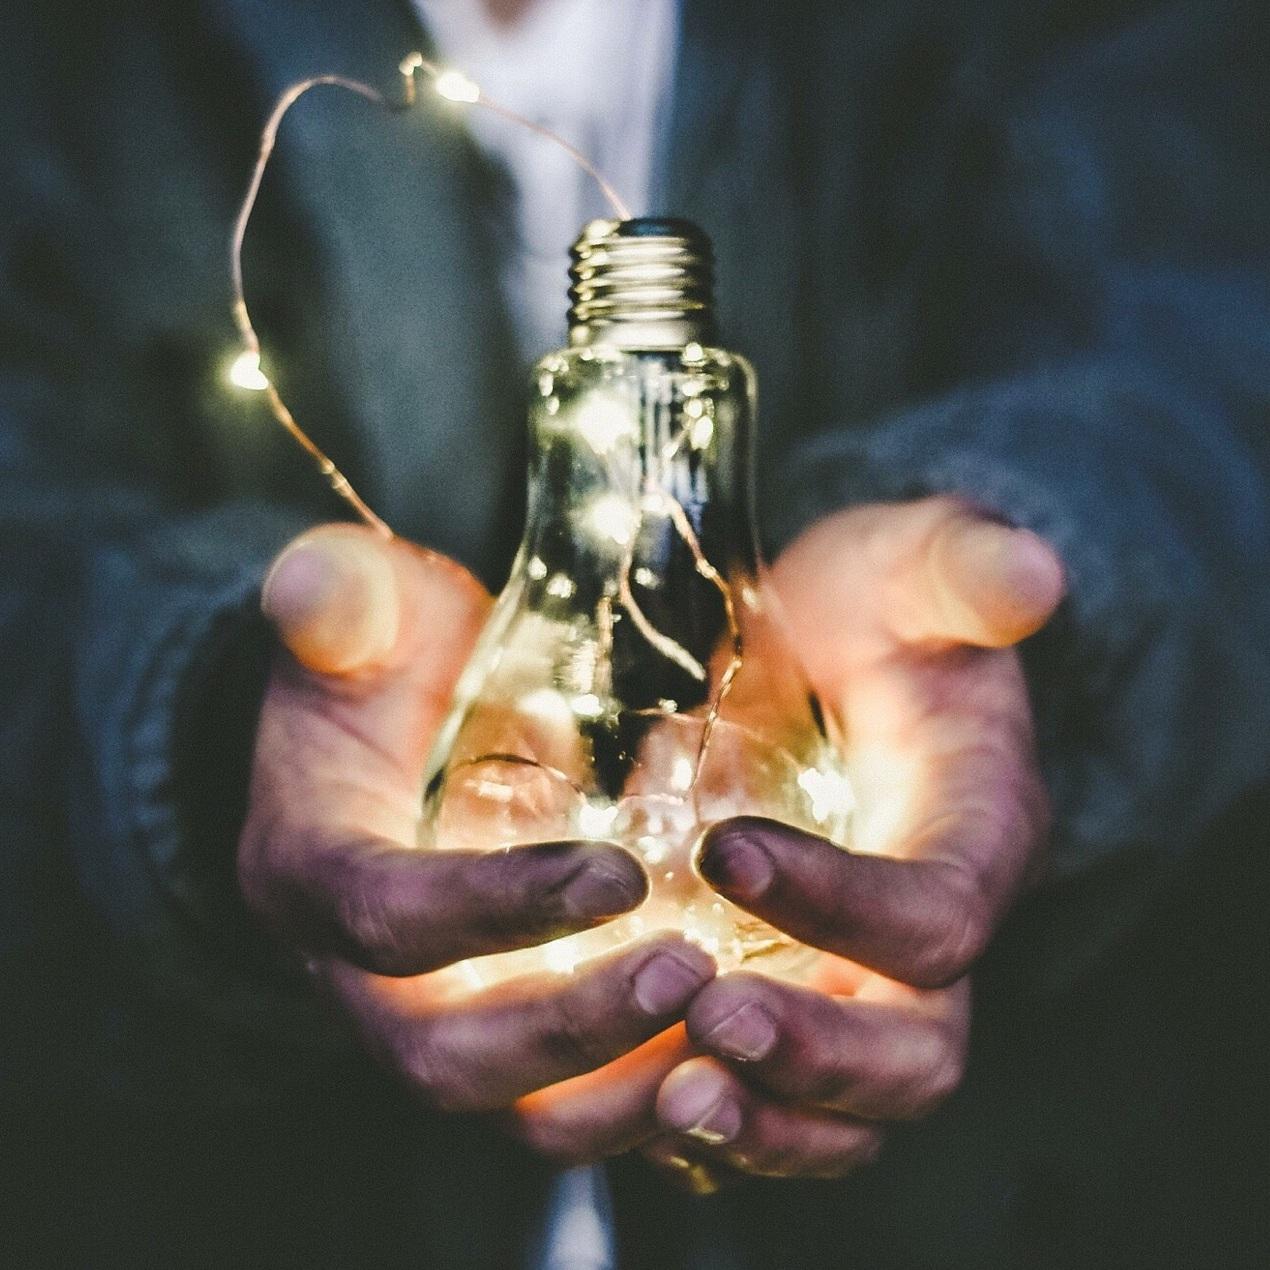 Hvad er jeres formål - jeres brændende ambition? - - Styrk ledelseskraften i virksomheden